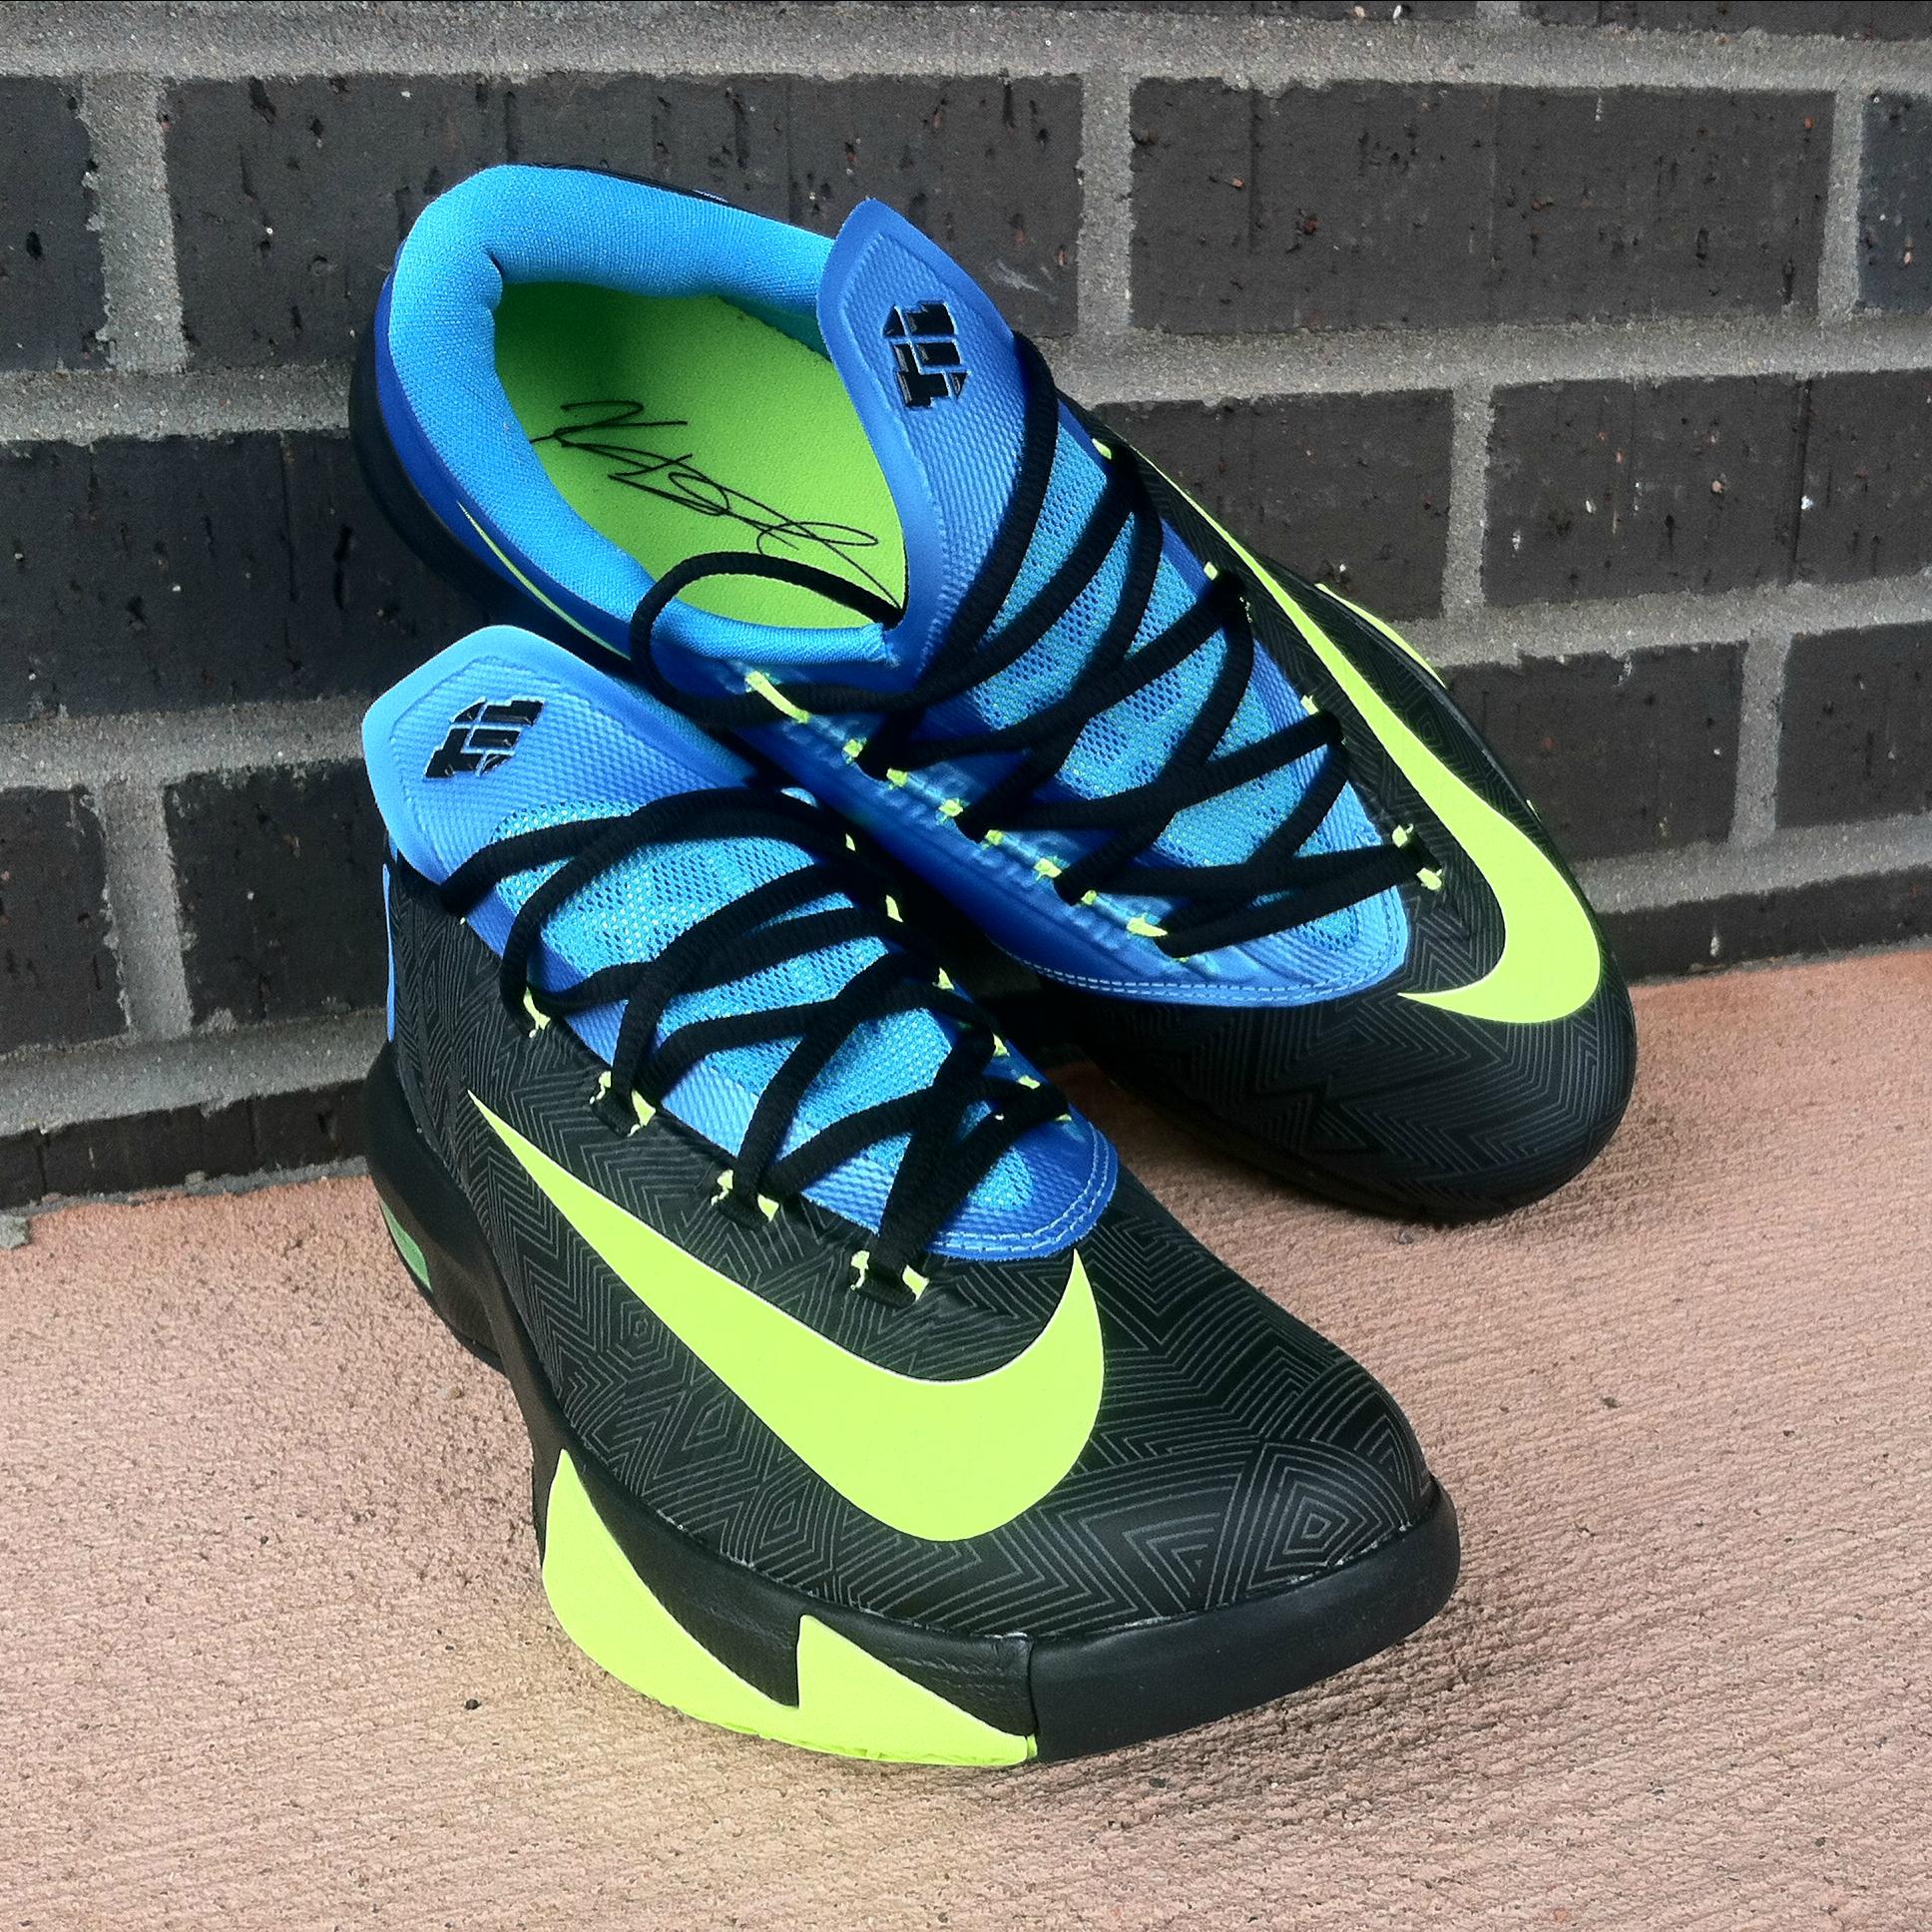 half off 5318d 266d1 Get the Nike KD VI